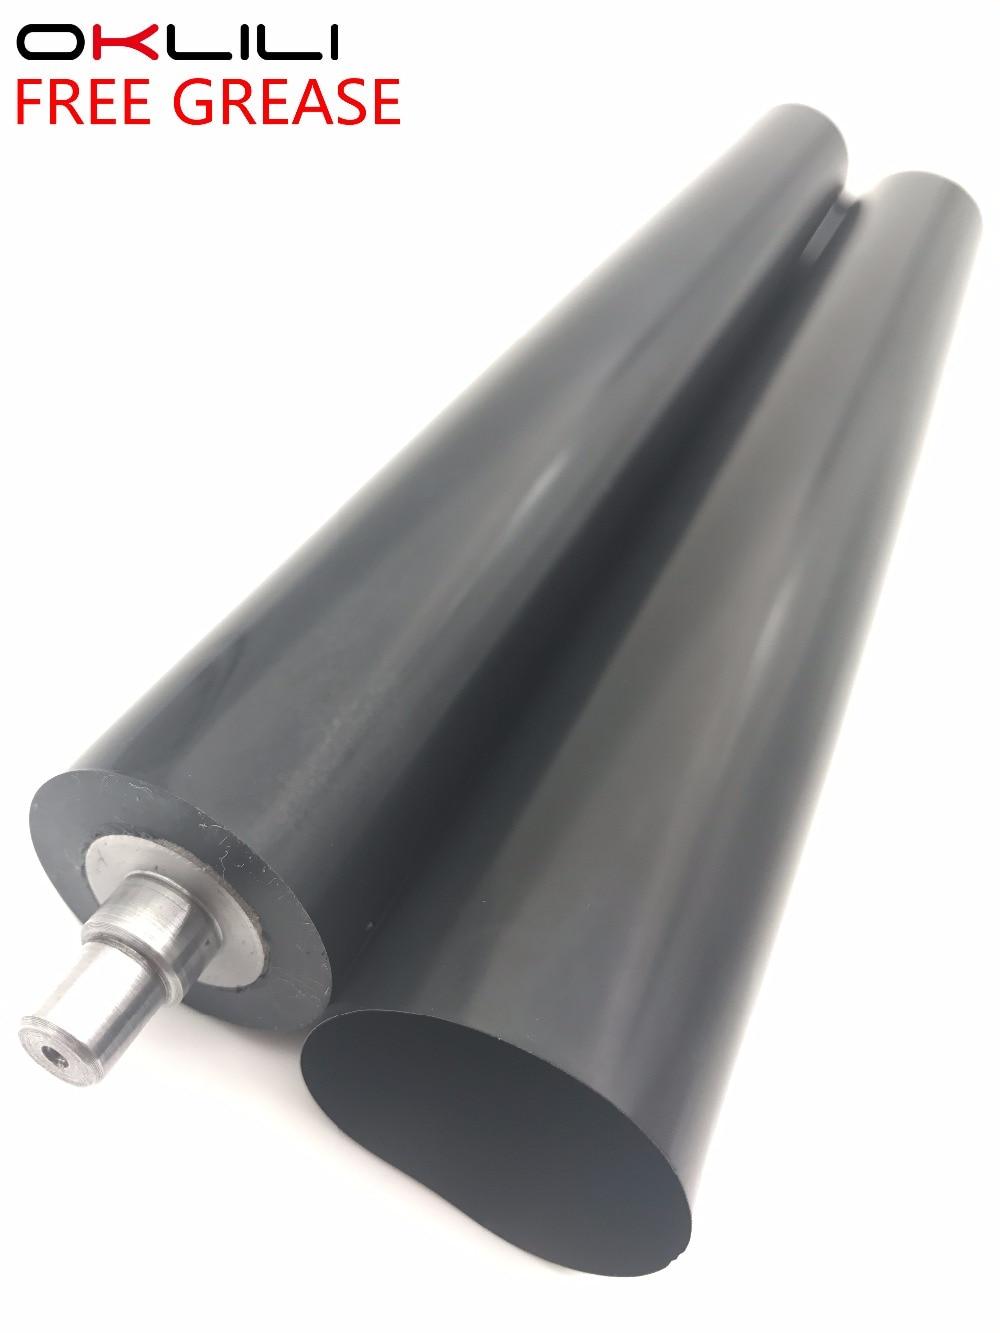 2SETX Fuser Film Sleeve Pressure Roller for Brother HL L5102 L5202 L6202 L6402 DCP L5502 L5602 L5652 MFC L5702 L5802 L5902 L6702 fuser unit fixing unit fuser assembly for brother dcp 7020 7010 hl 2040 2070 intellifax 2820 2910 2920 mfc 7220 7420 7820 110v